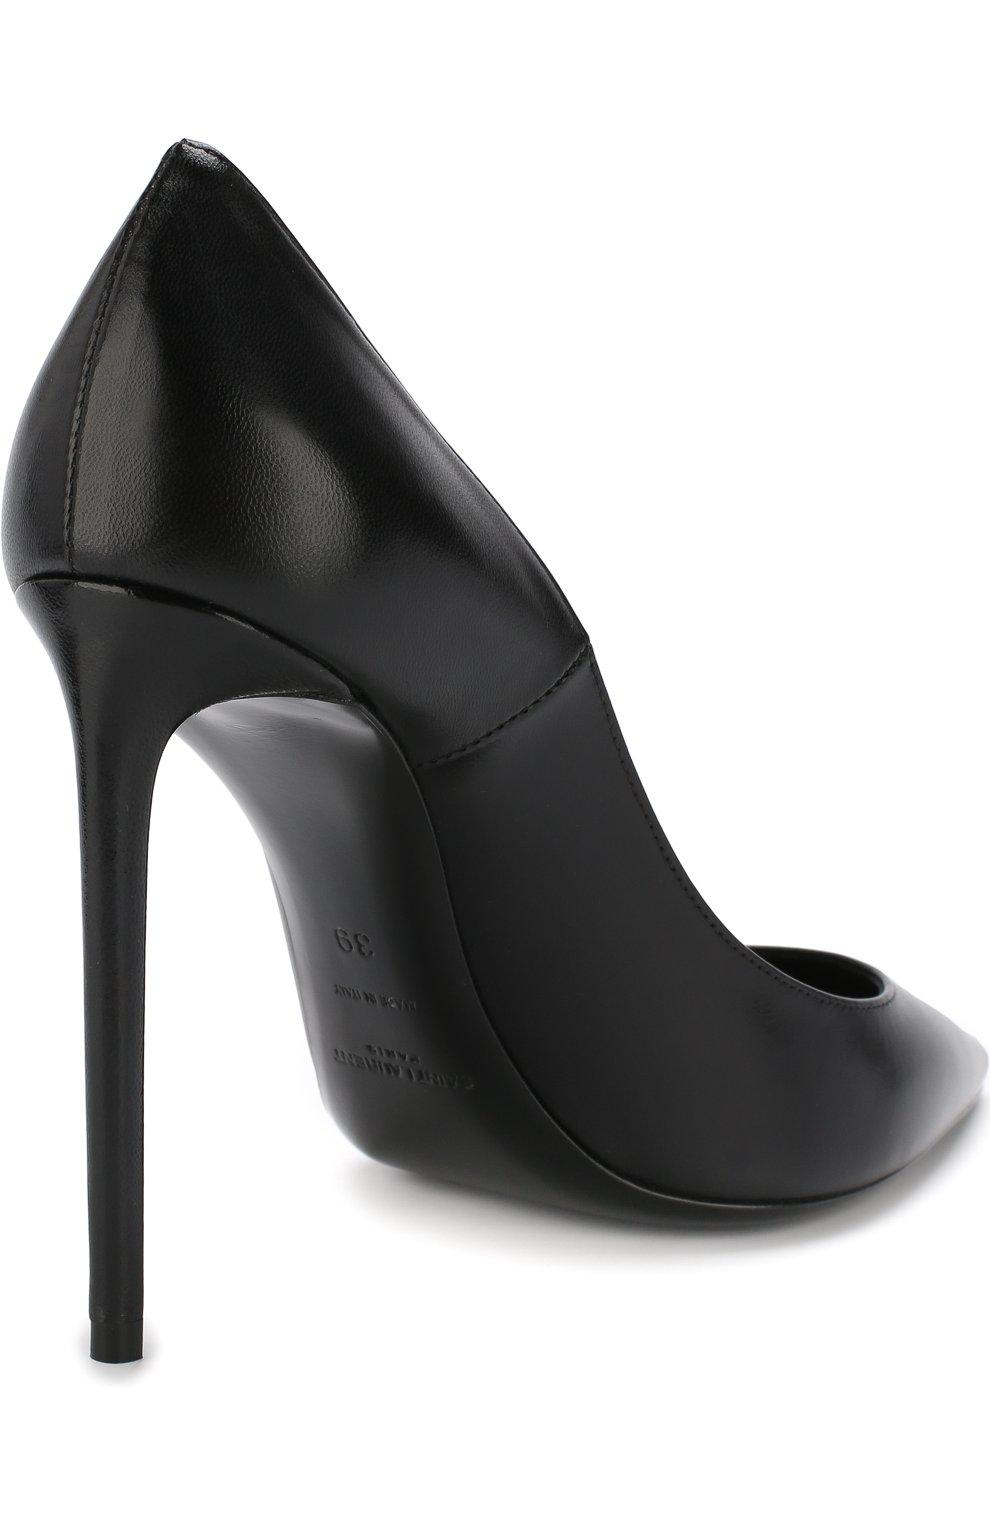 Кожаные туфли Zoe на шпильке | Фото №4